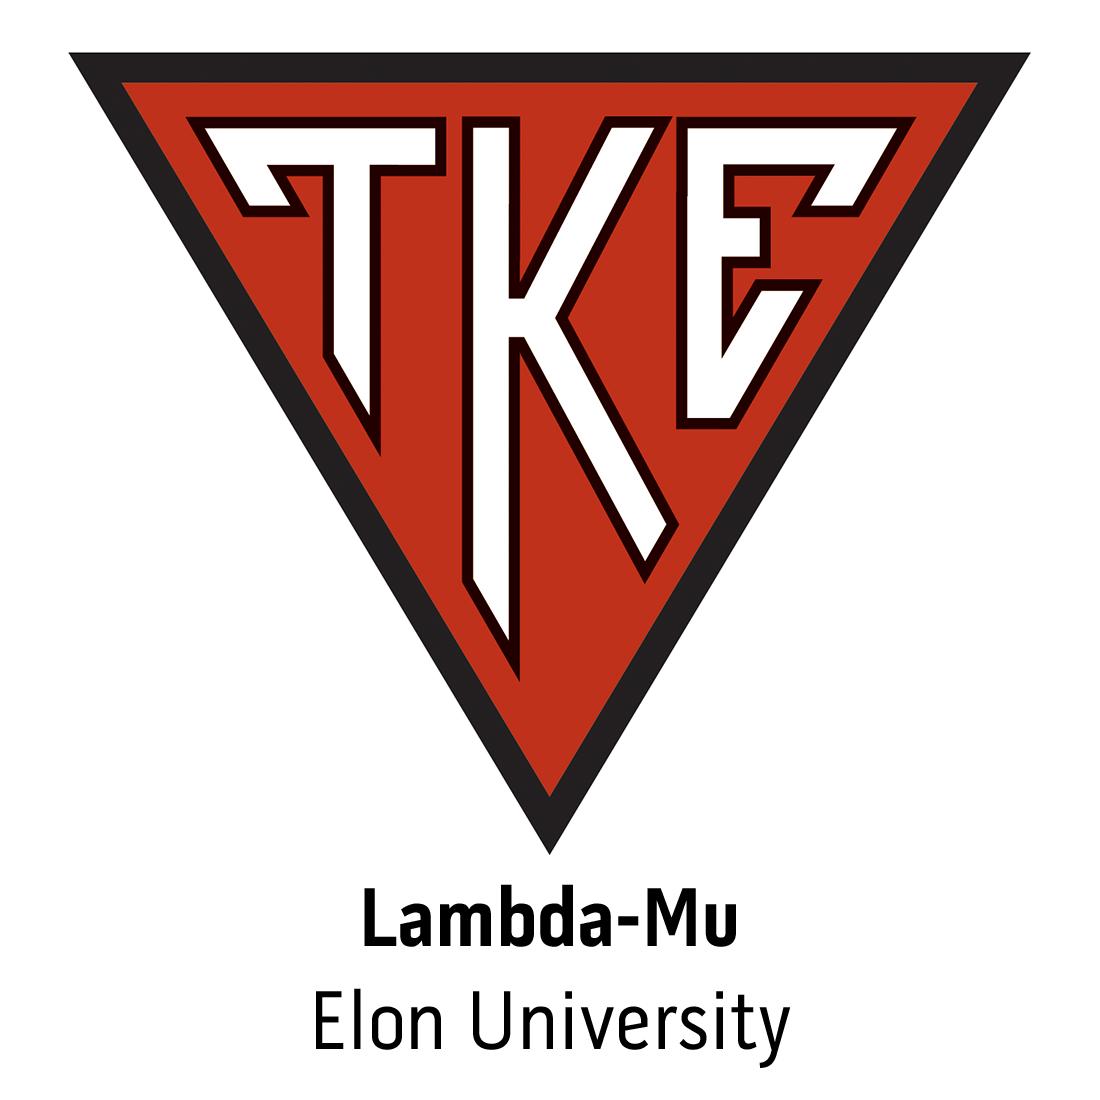 Lambda-Mu Chapter at Elon University